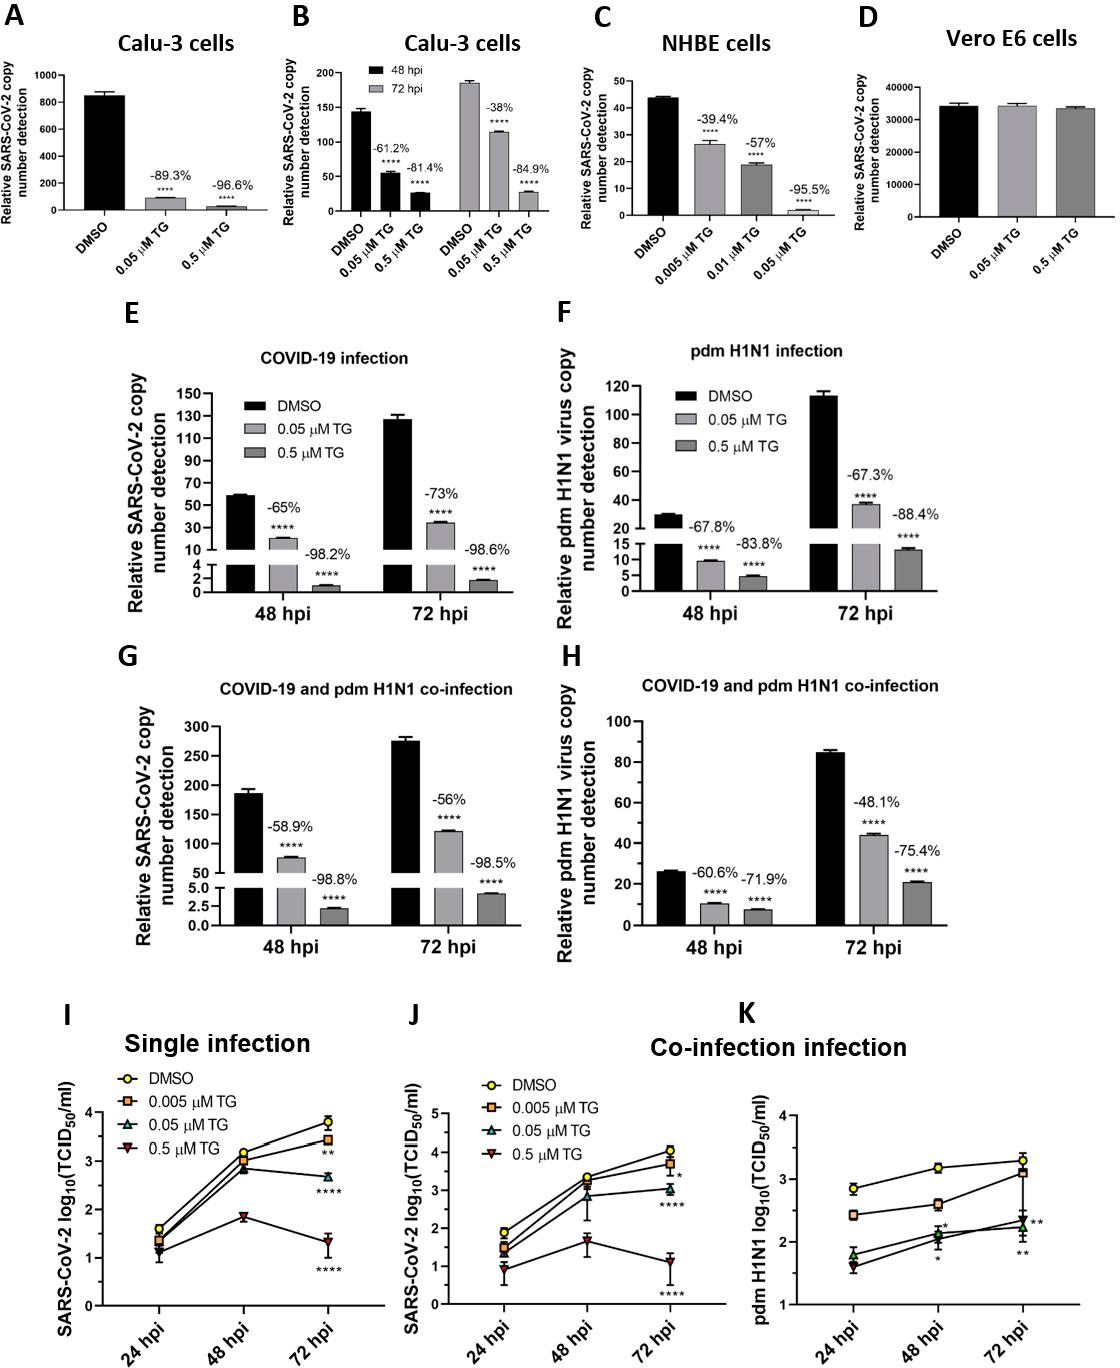 在单病毒感染和与pdm H1N1病毒共感染中,TG有效地阻止了子代SARS-CoV-2的产生。.png